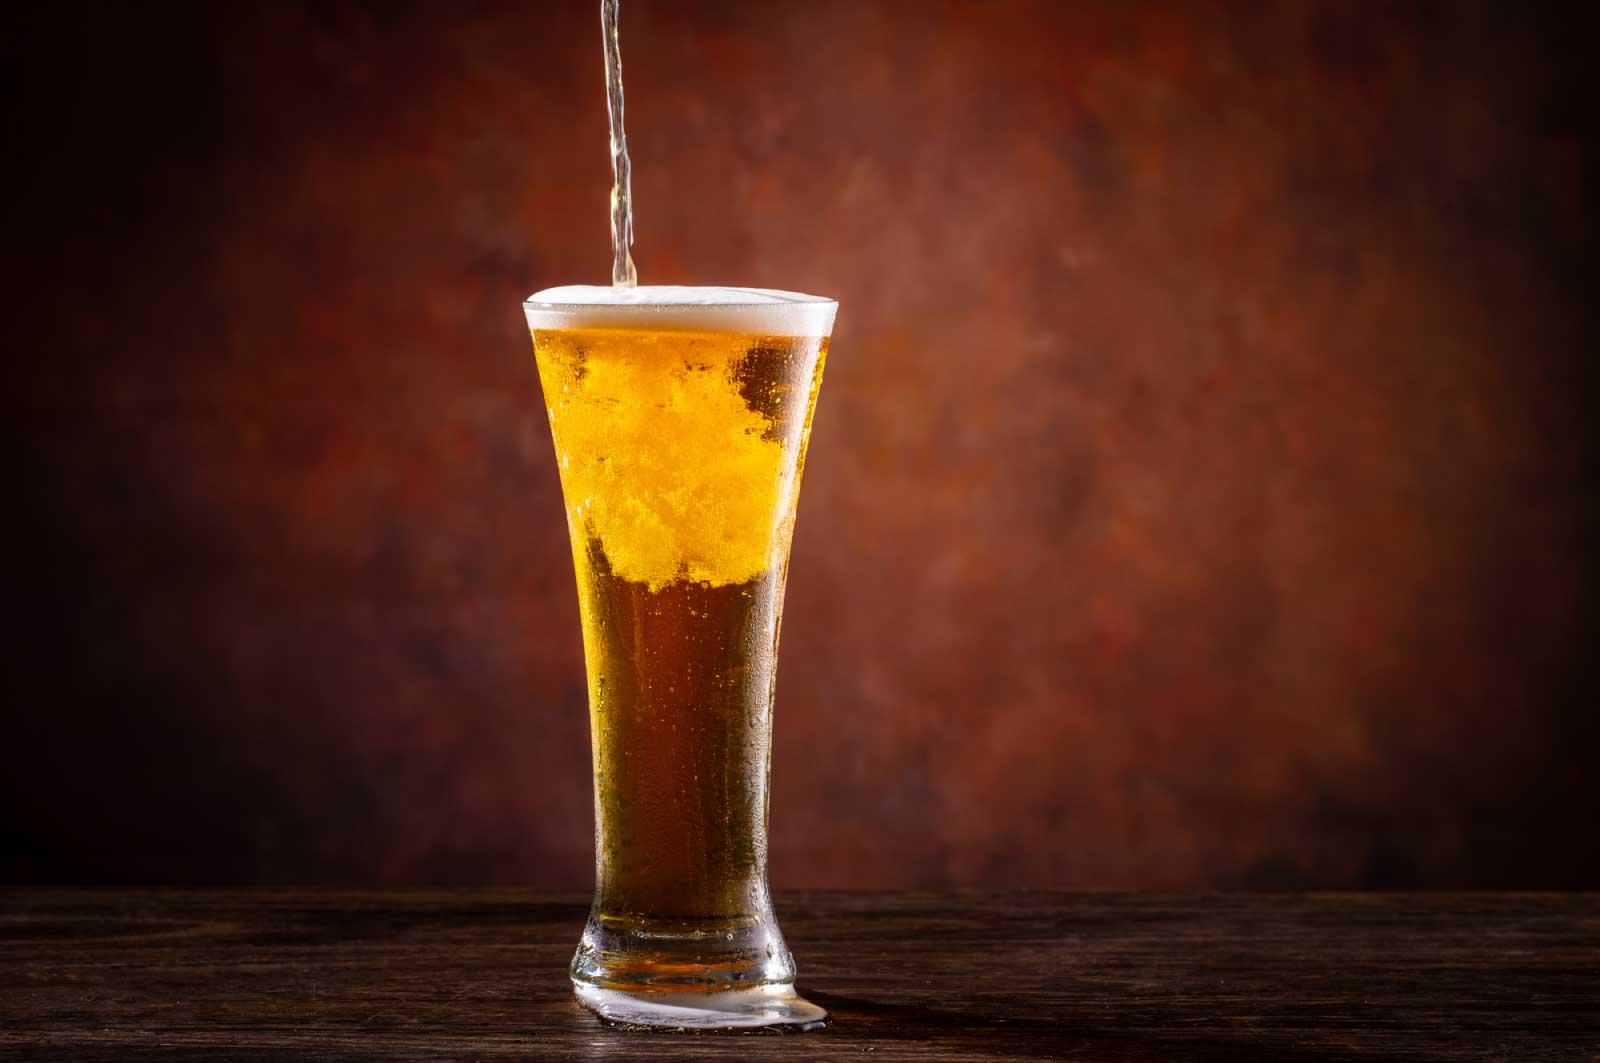 行った先でクラフトビールを見つけて飲む